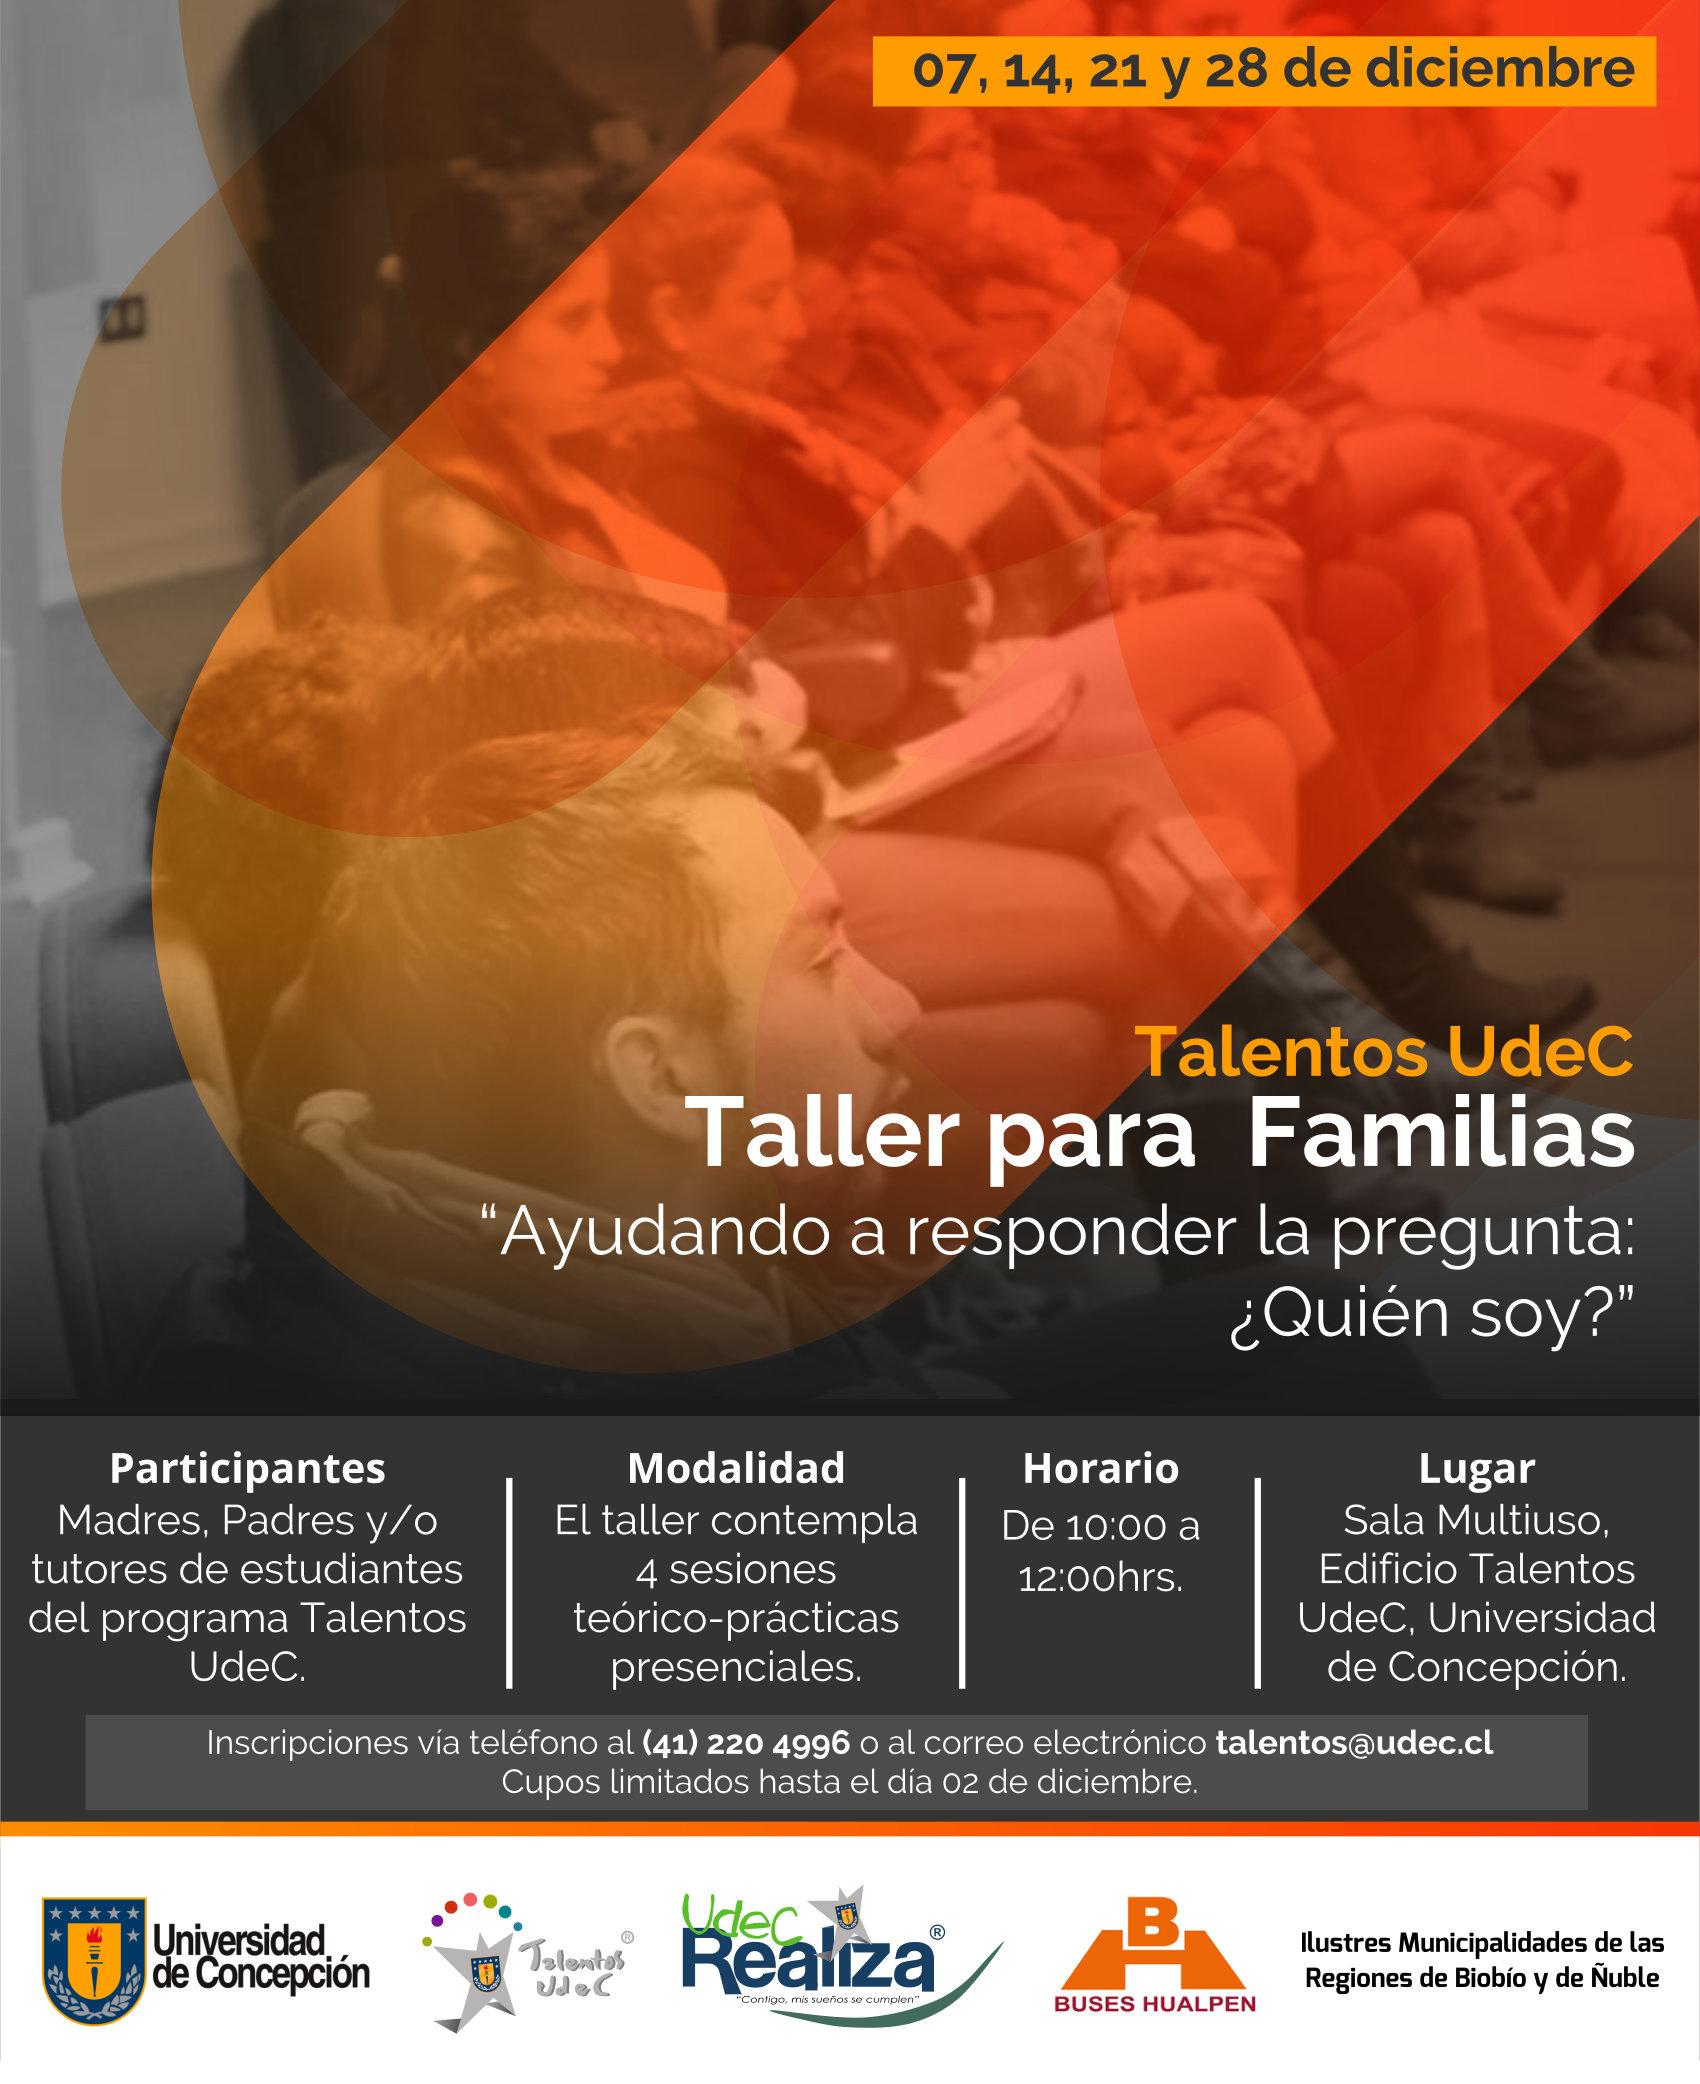 Nueva fecha para la realización del Taller de Familias de estudiantes de Talentos UdeC, versión 2019